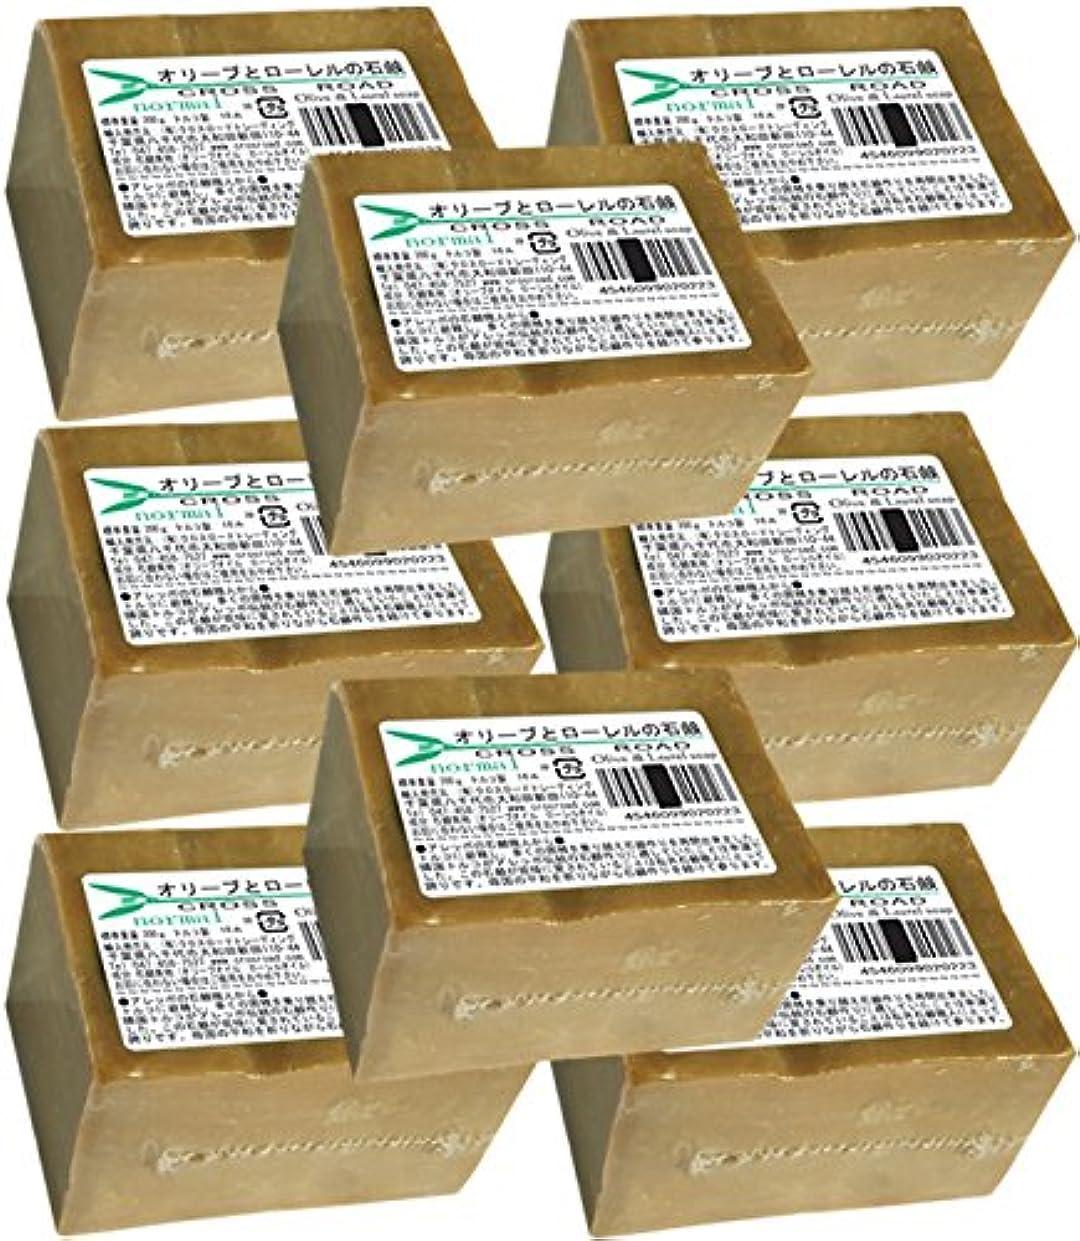 パースブラックボロウ感情のフルーツオリーブとローレルの石鹸(ノーマル)8個セット[並行輸入品]